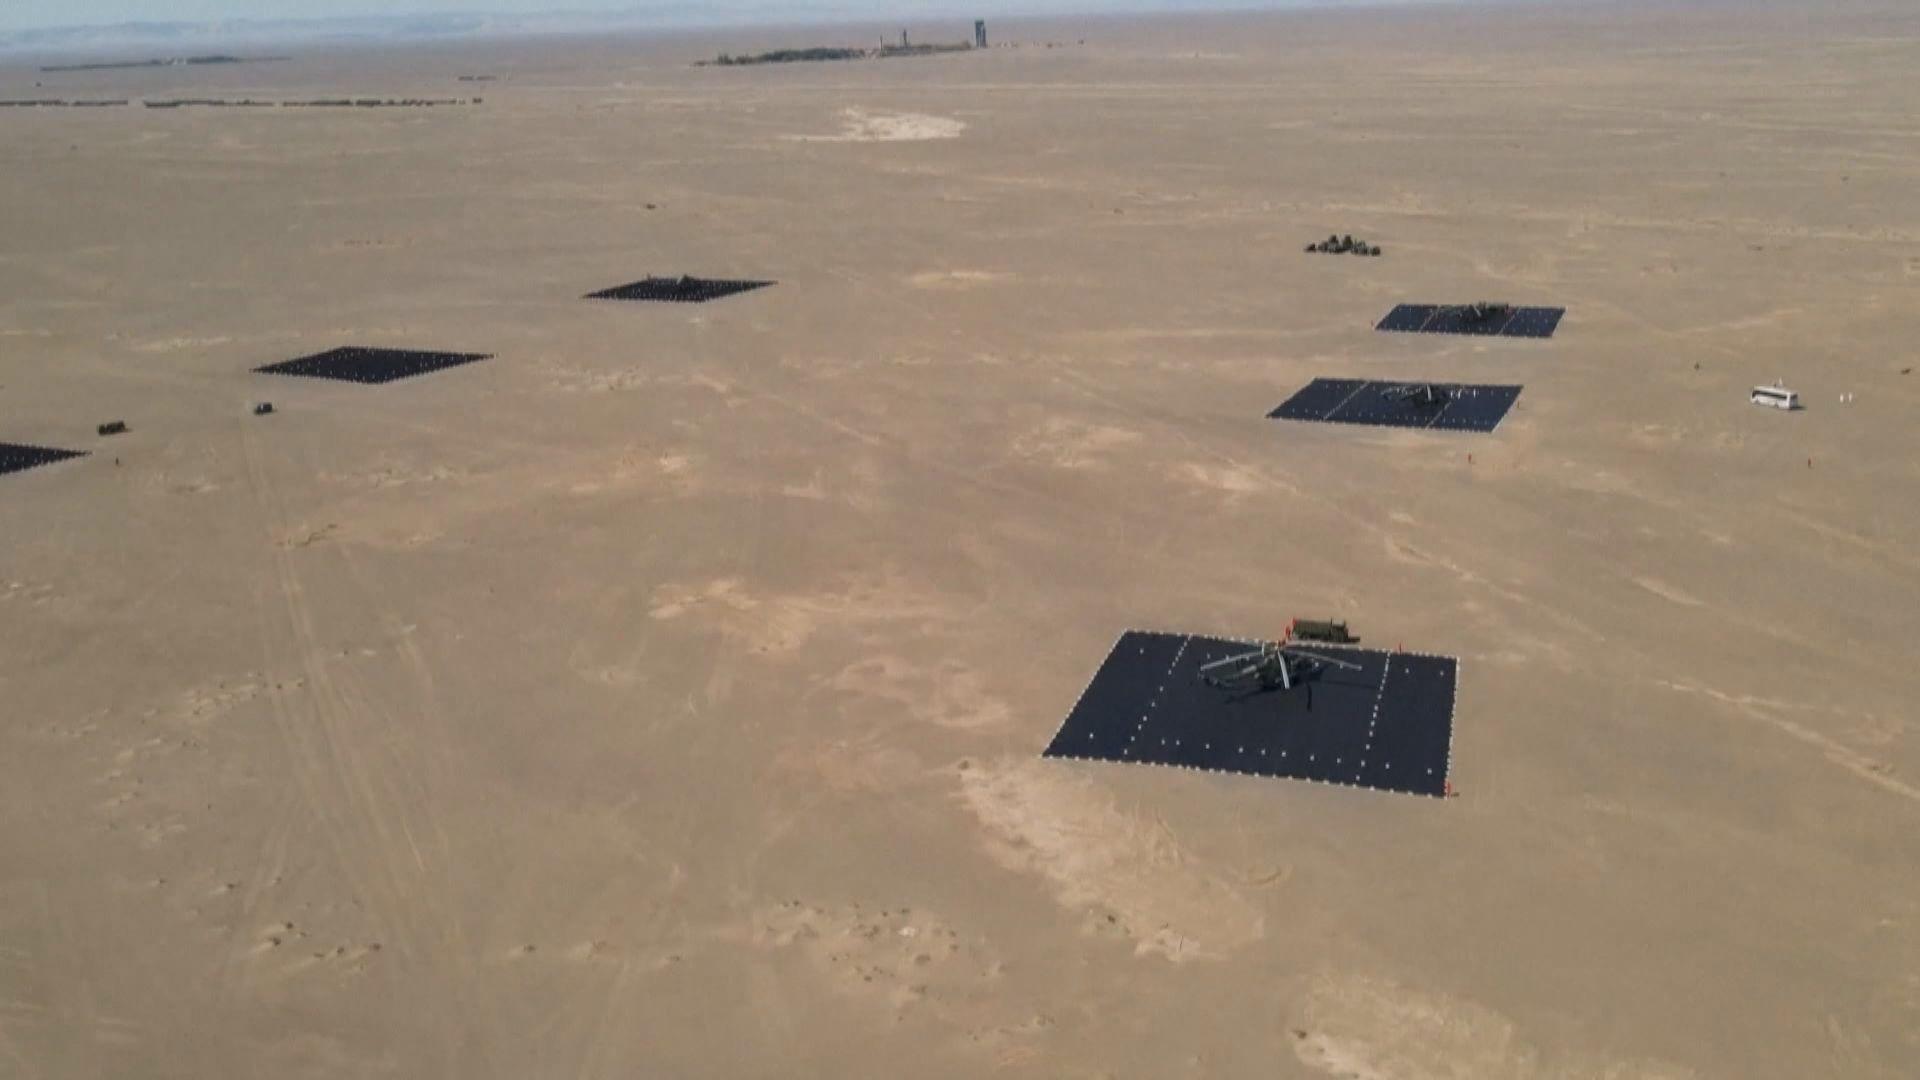 搜救隊為搜索太空人增配裝備並多次演練